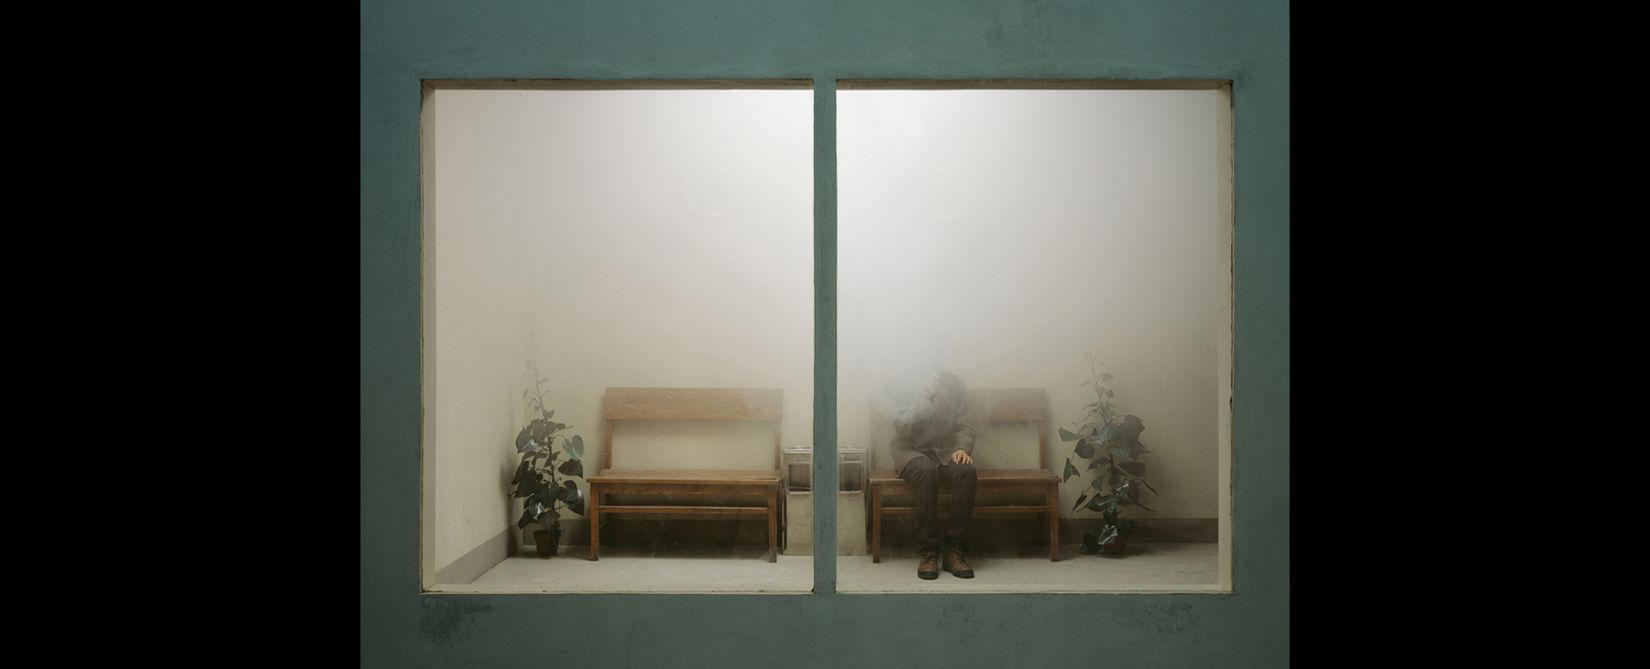 Chen Wei, Artist